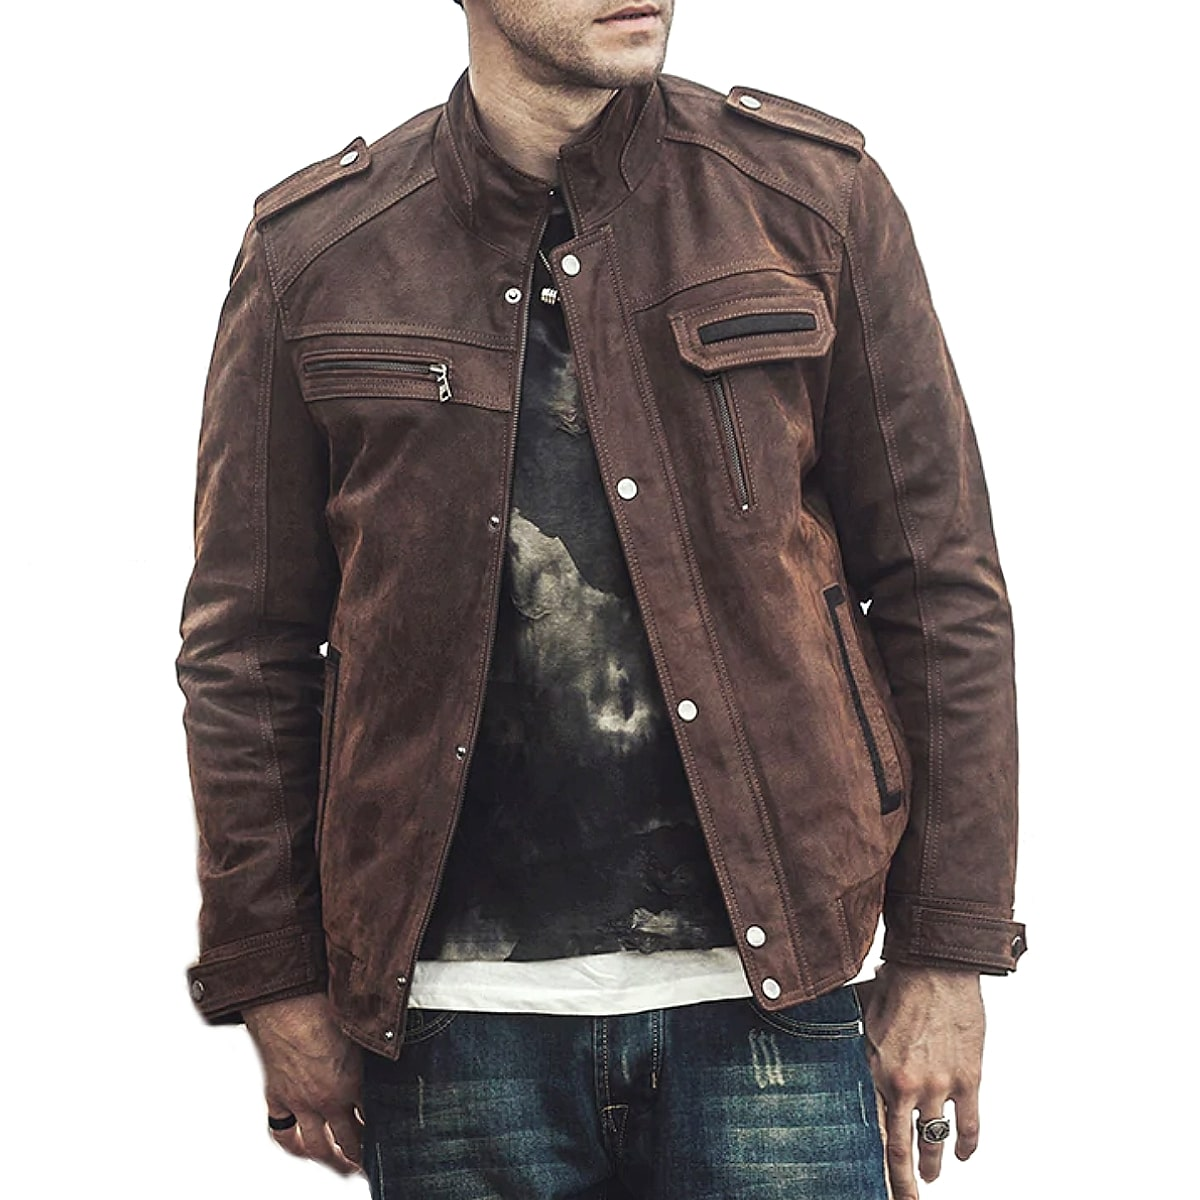 【送料無料!】全2色! 10サイズ! [Men's Pigskin Retro Genuine Leather Riders Jacket] メンズ ピッグスキン レトロ ジェニュインレザー ライダースジャケット! 本革 豚革 ボンバージャケット フライトジャケット スエード コート アウター バイクに!